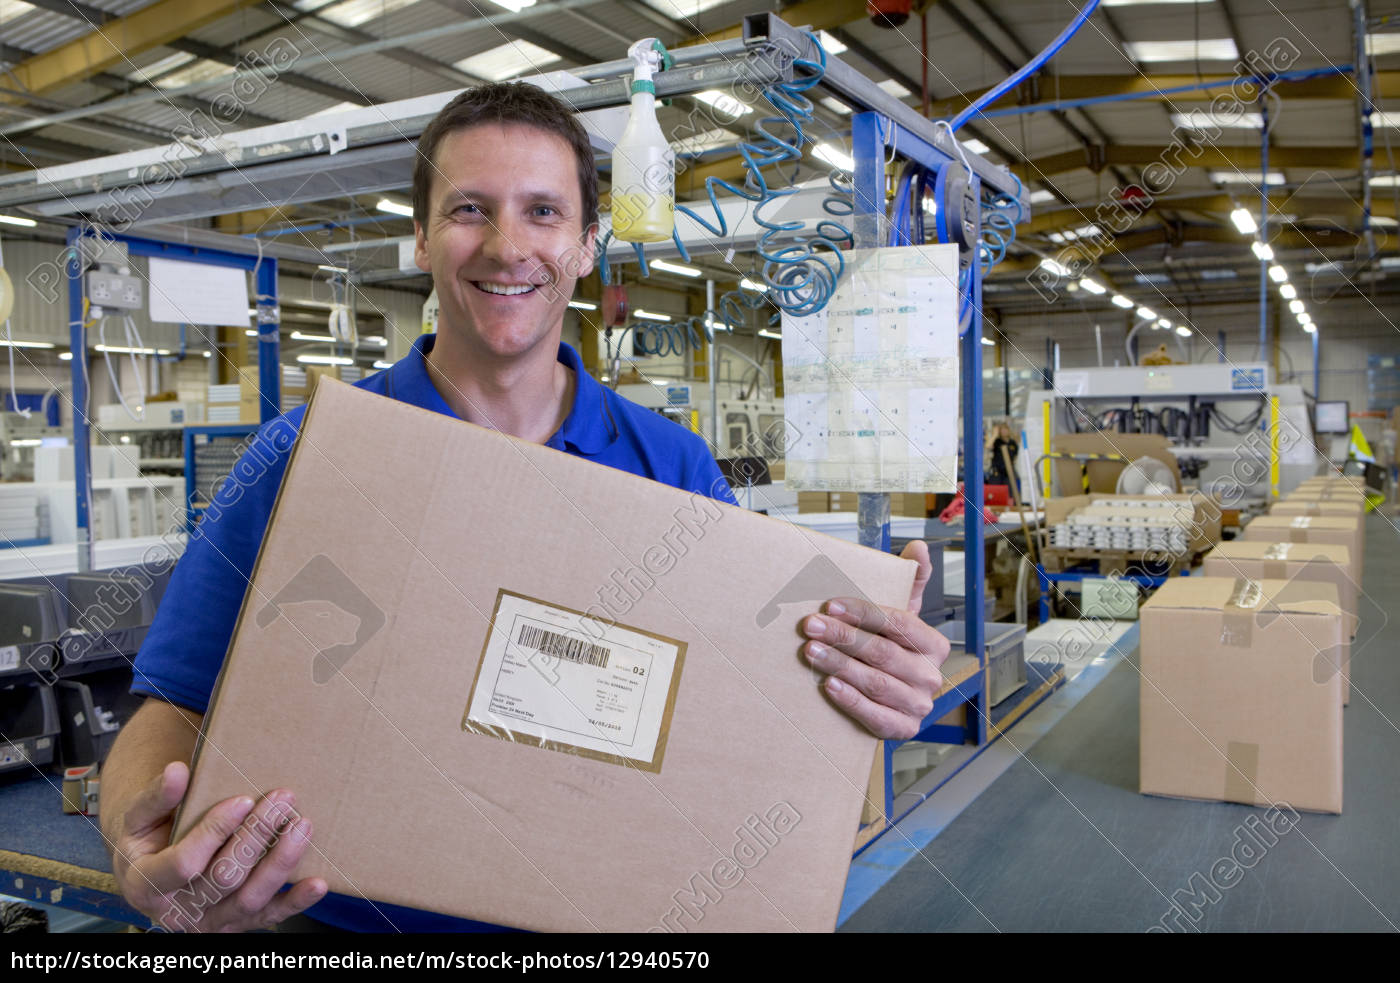 operaio, in, magazzino, sulla, scatola, di - 12940570